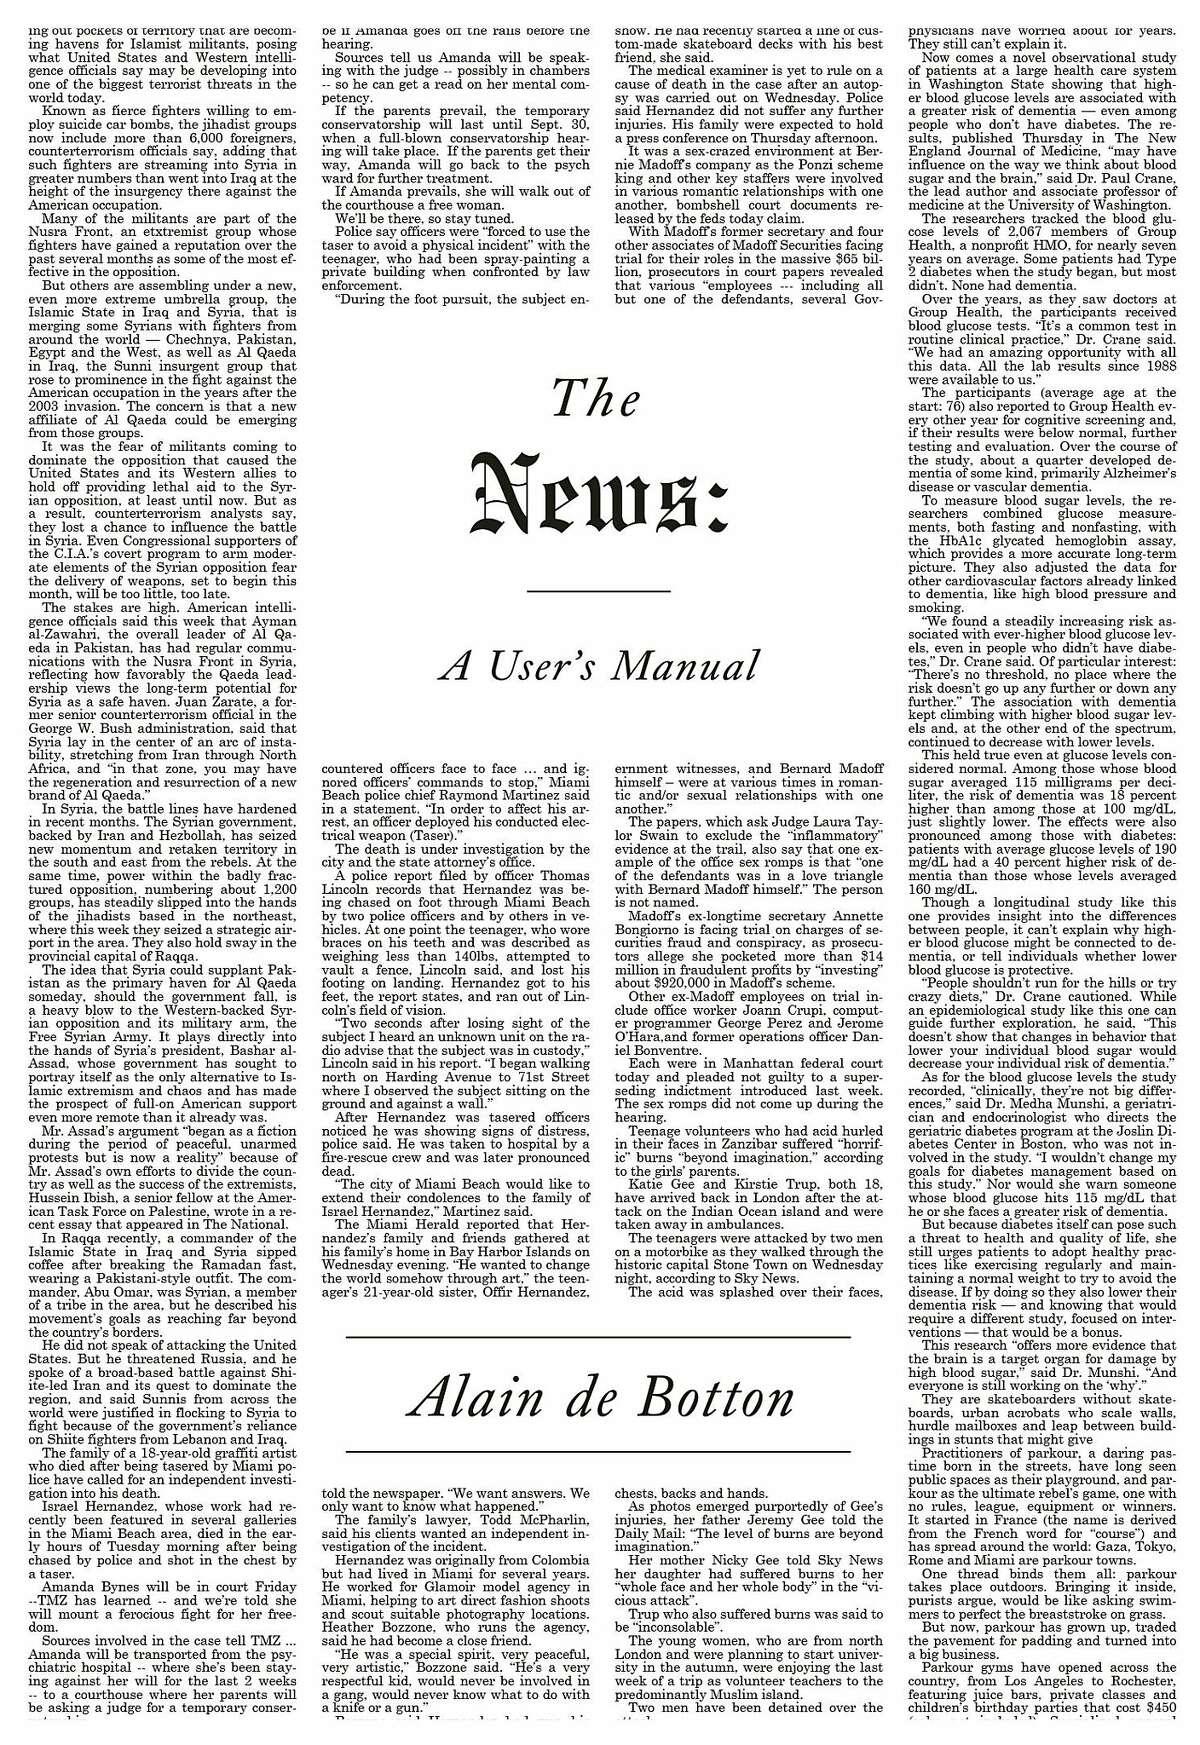 The News: A User's Manual, by Alain de Botton